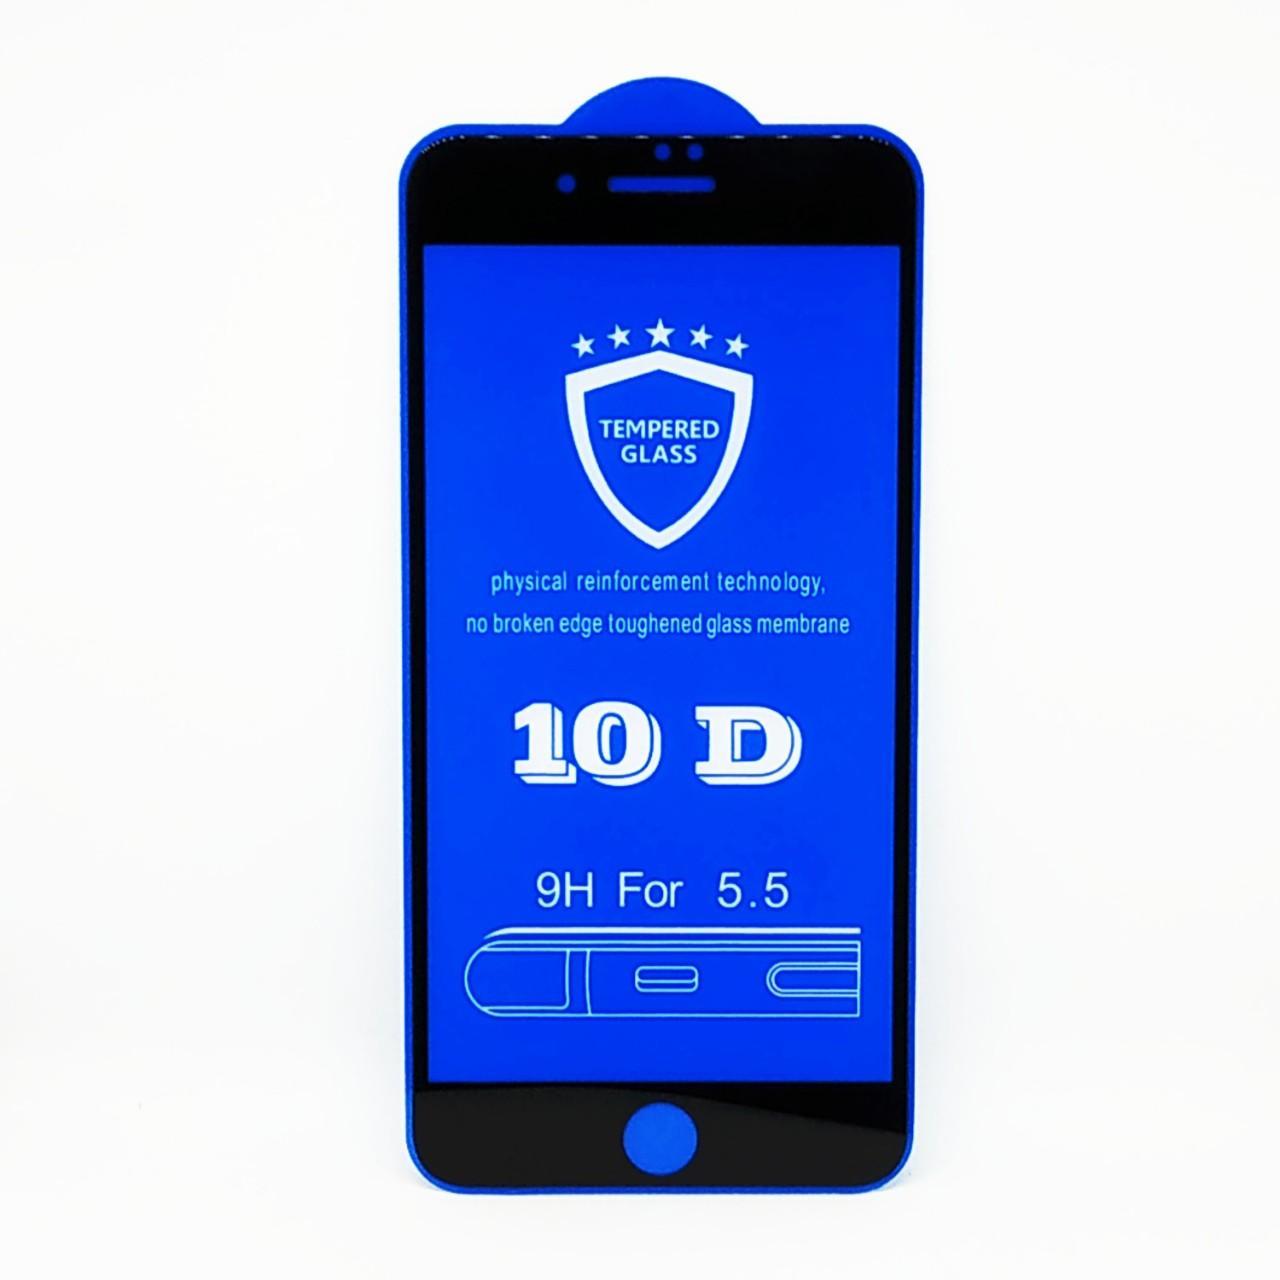 Giá Kính cường lực full màn hình 10D cho iPhone 6 / 6s / 6 Plus / 6s Plus / 7 / 8 / 7 Plus / 8 Plus / X / Xs / Xr / Xs Max / 11 / 11Pro / 11 Pro Max